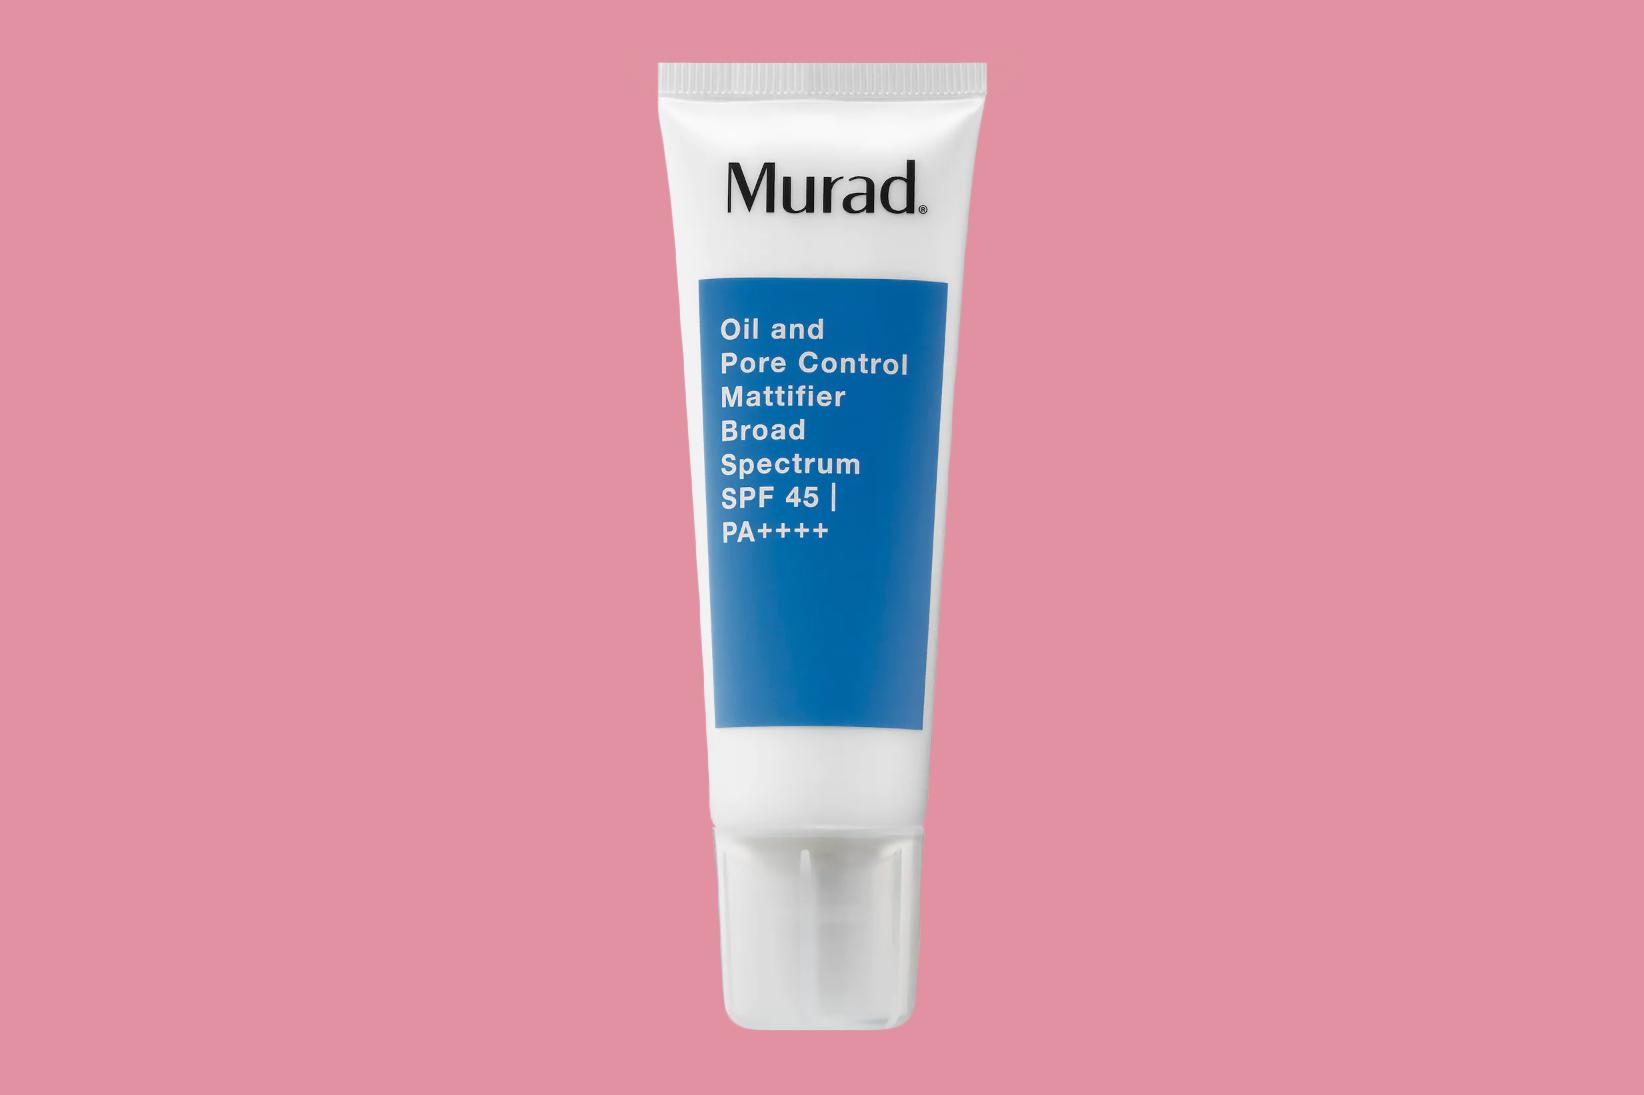 Murad Oil and Pore Control Mattifier SPF 45